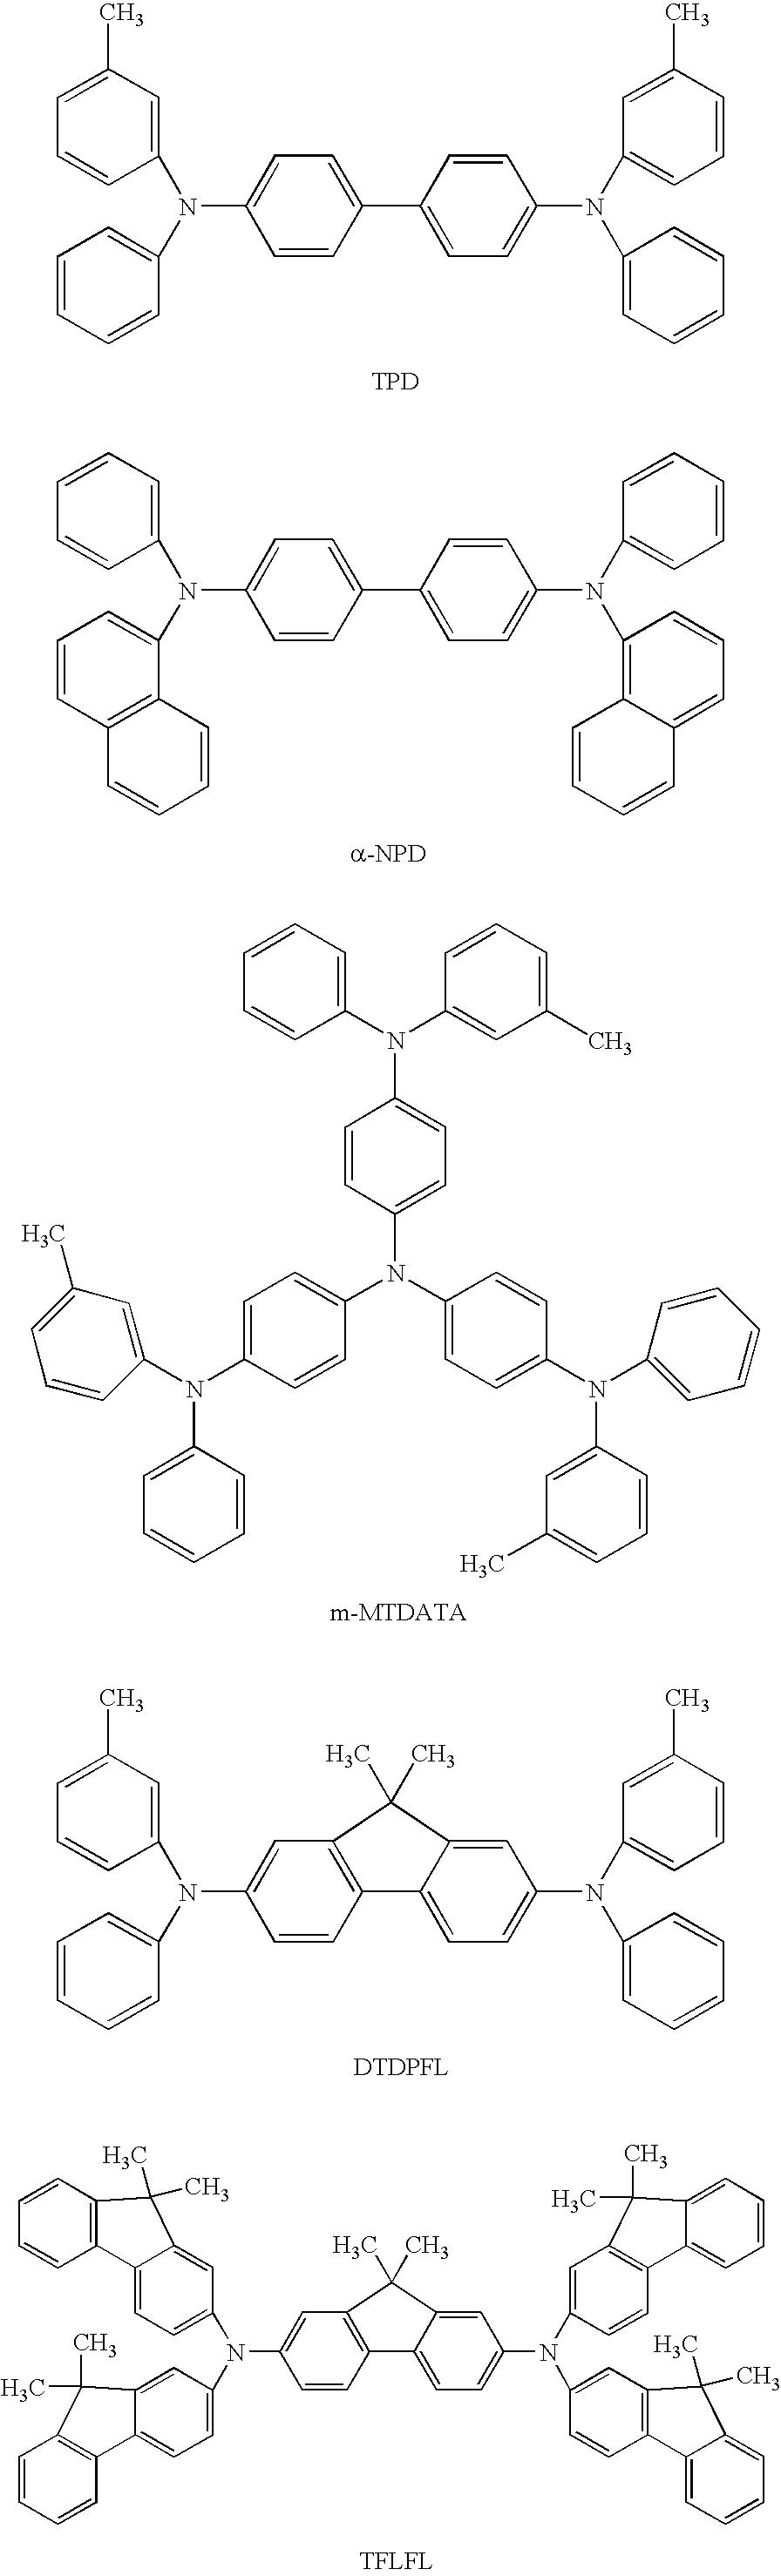 Figure US20070252141A1-20071101-C00009